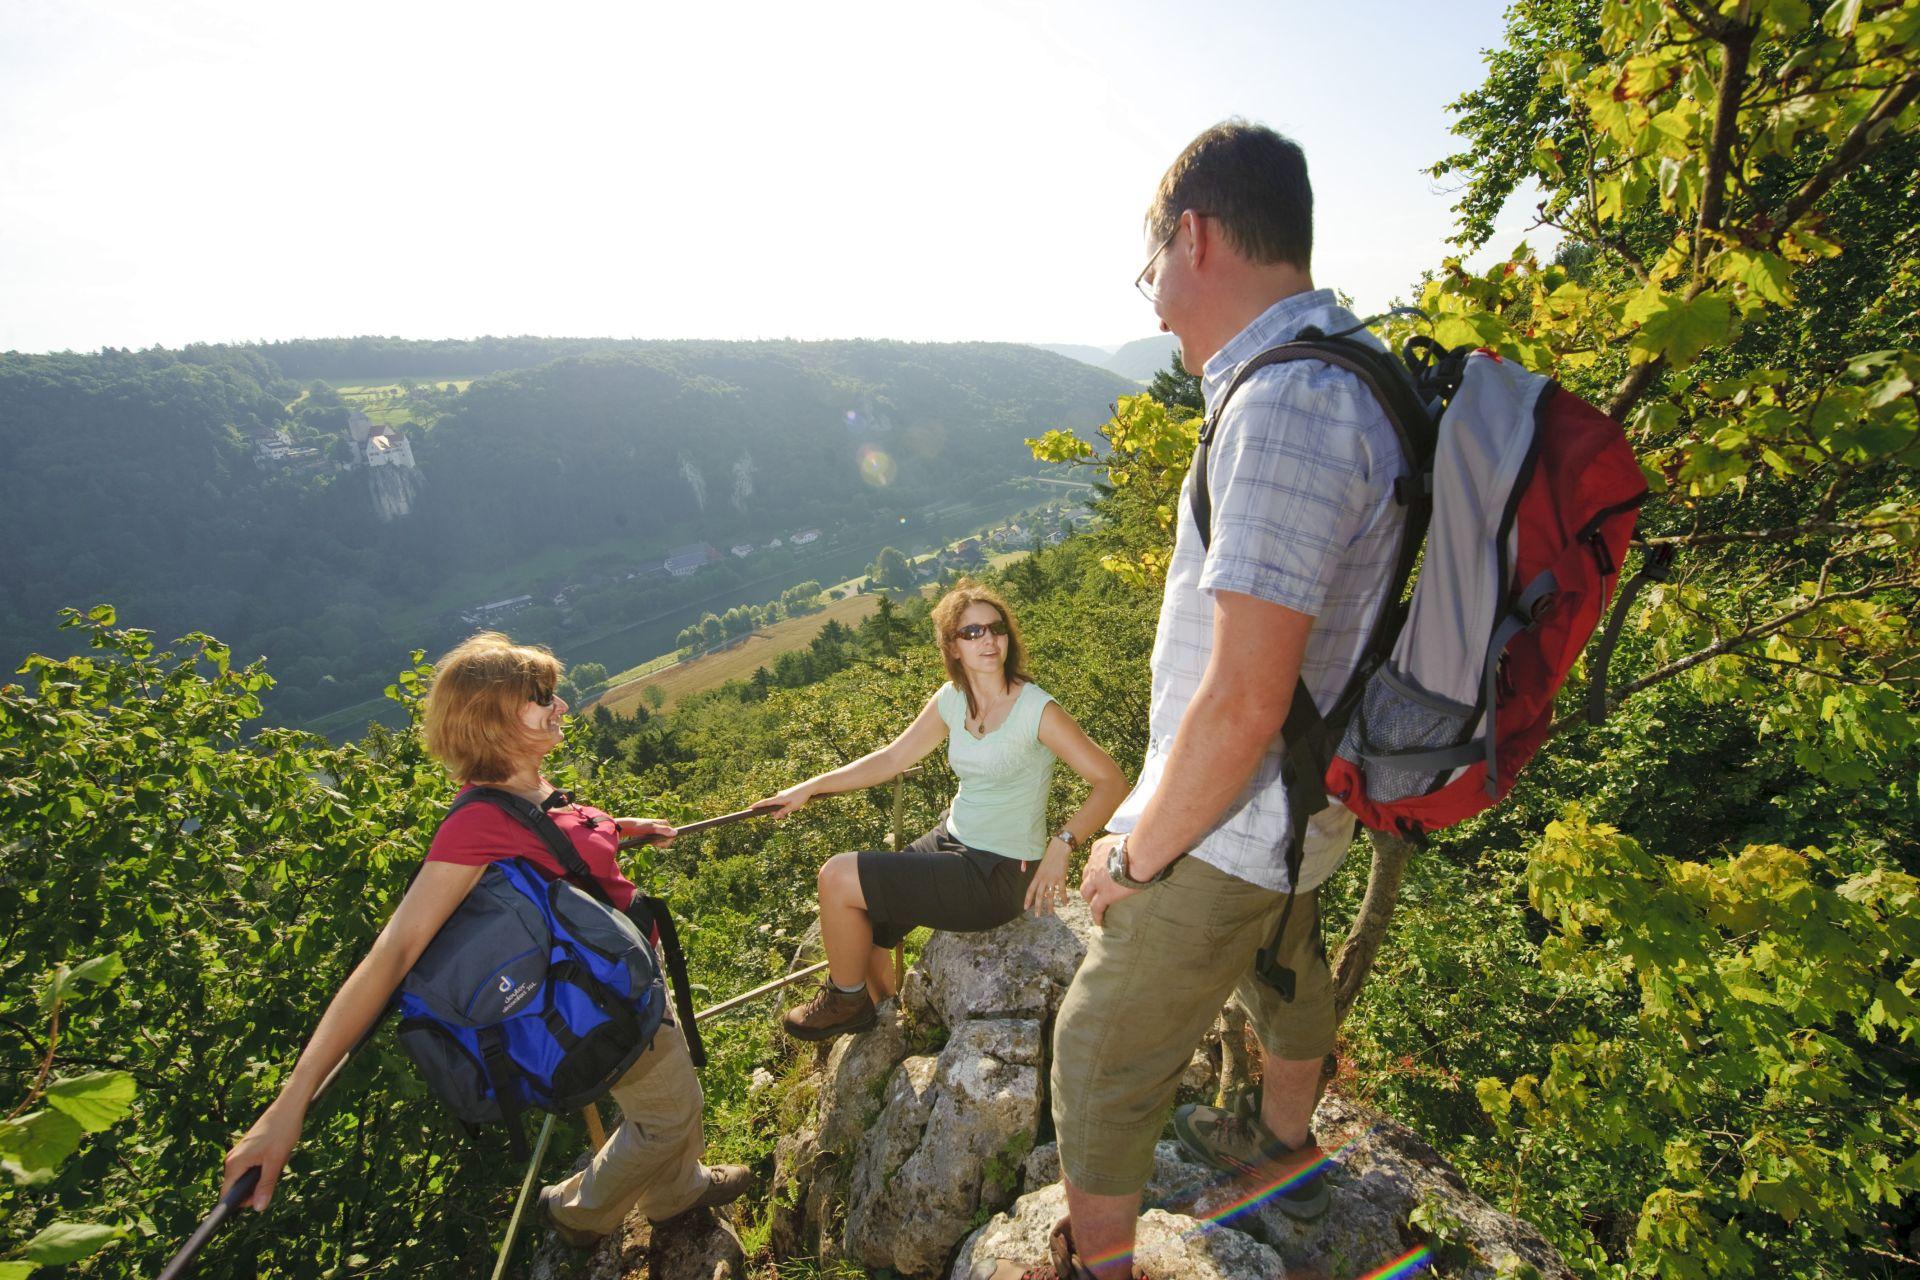 Wanderung durch die Klamm zur Burg Prunn bei Riedenburg